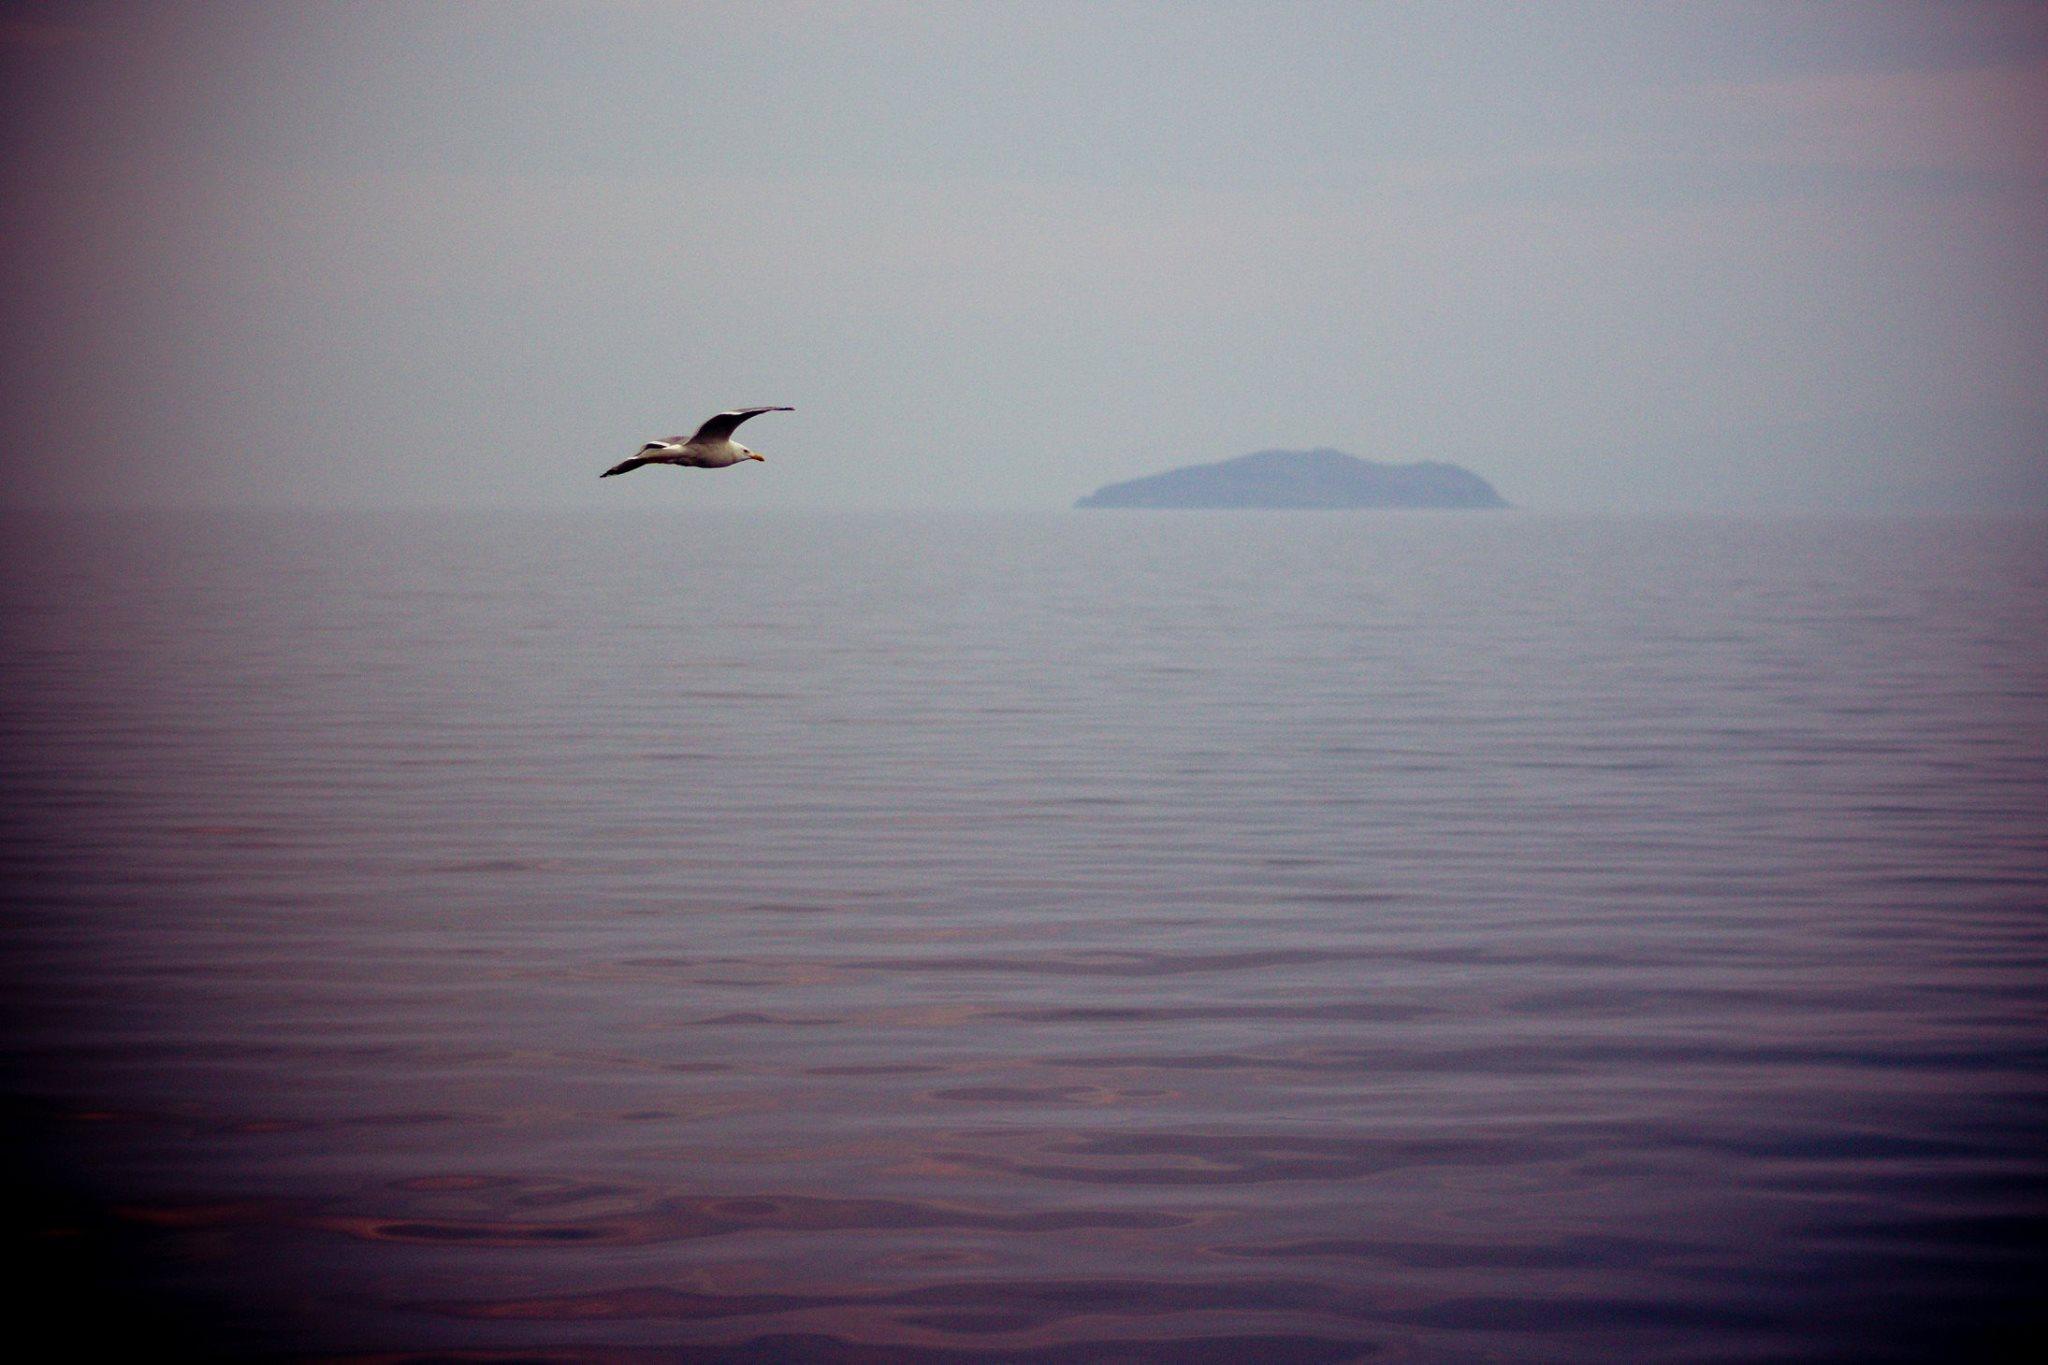 Purtroppo il lago non si salva dall'inquinamento: a un centinaio di metri dalla riva un grande impianto di trasformazione del legno e di lavorazione della cellulosa, molto contestato dalle popolazioni locali, da anni sta mettendo a dura prova l'ecosistema di questo paradiso naturale